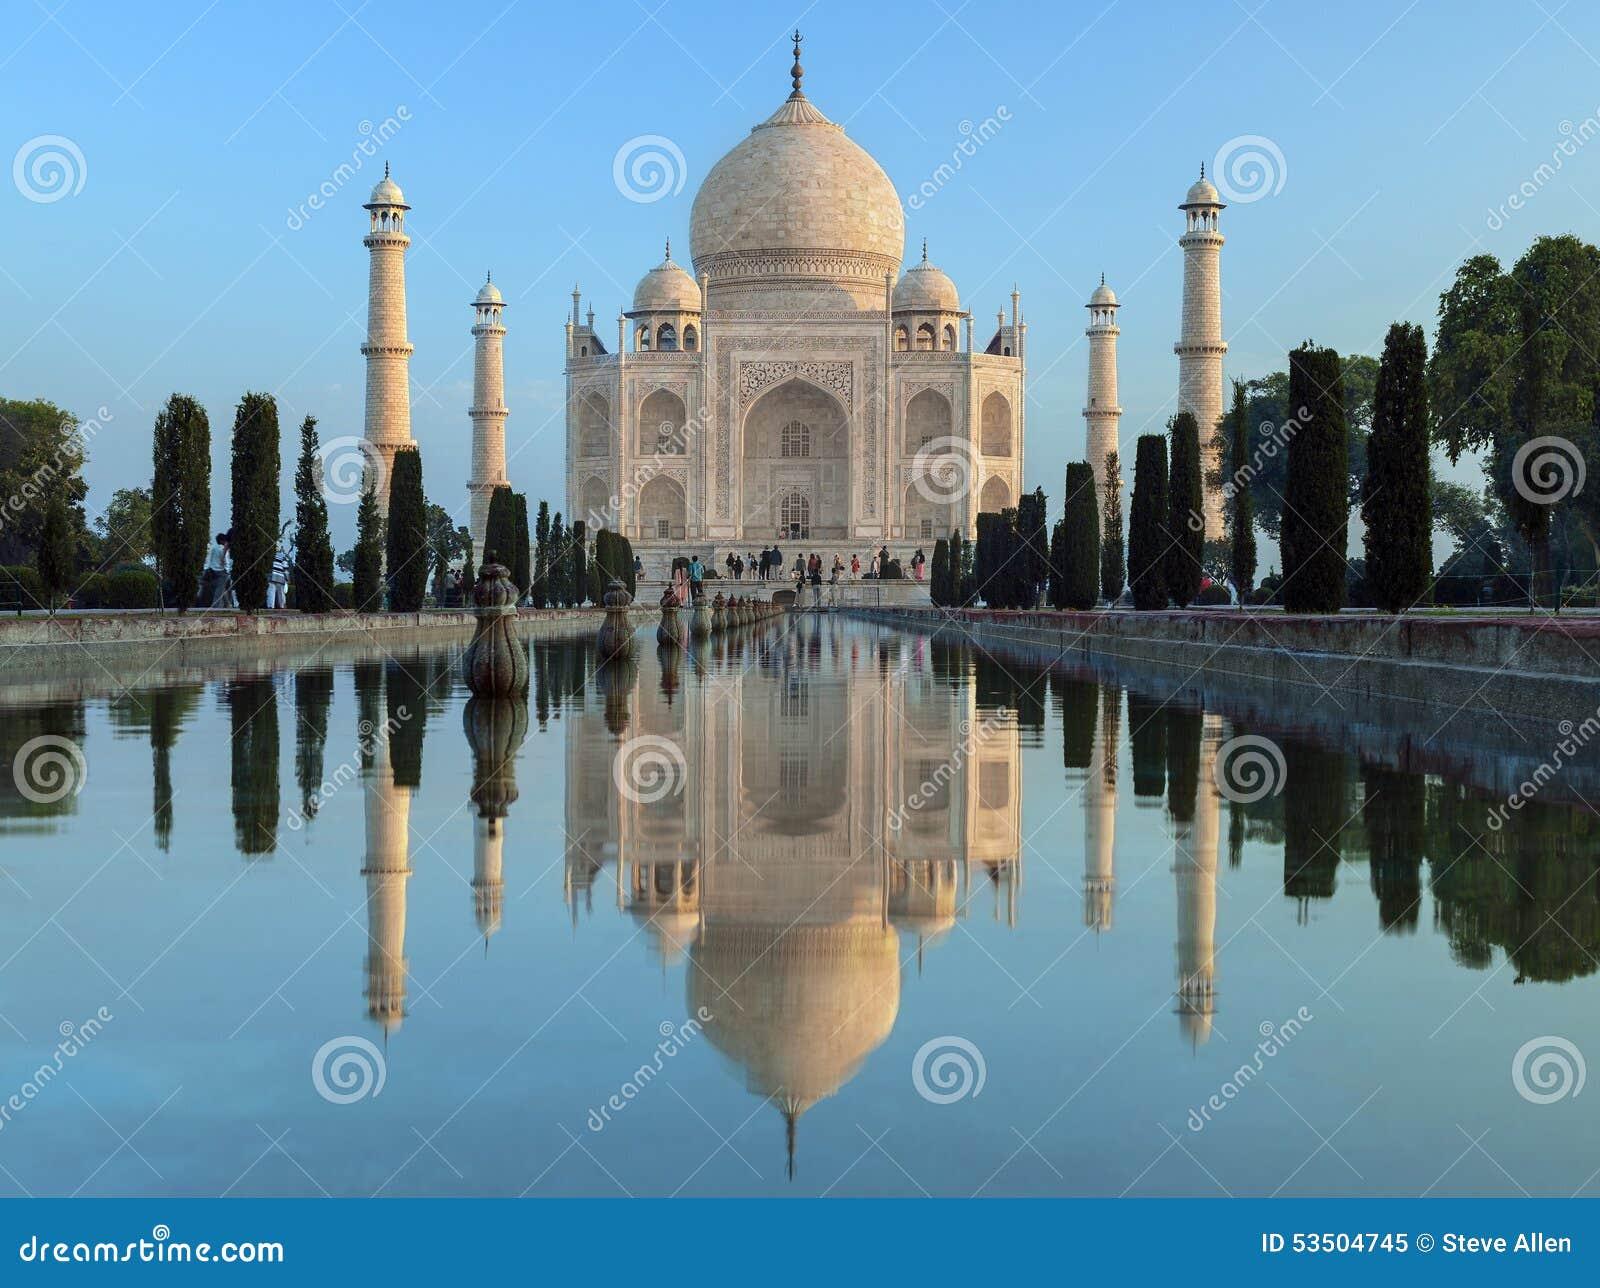 India mahal taj